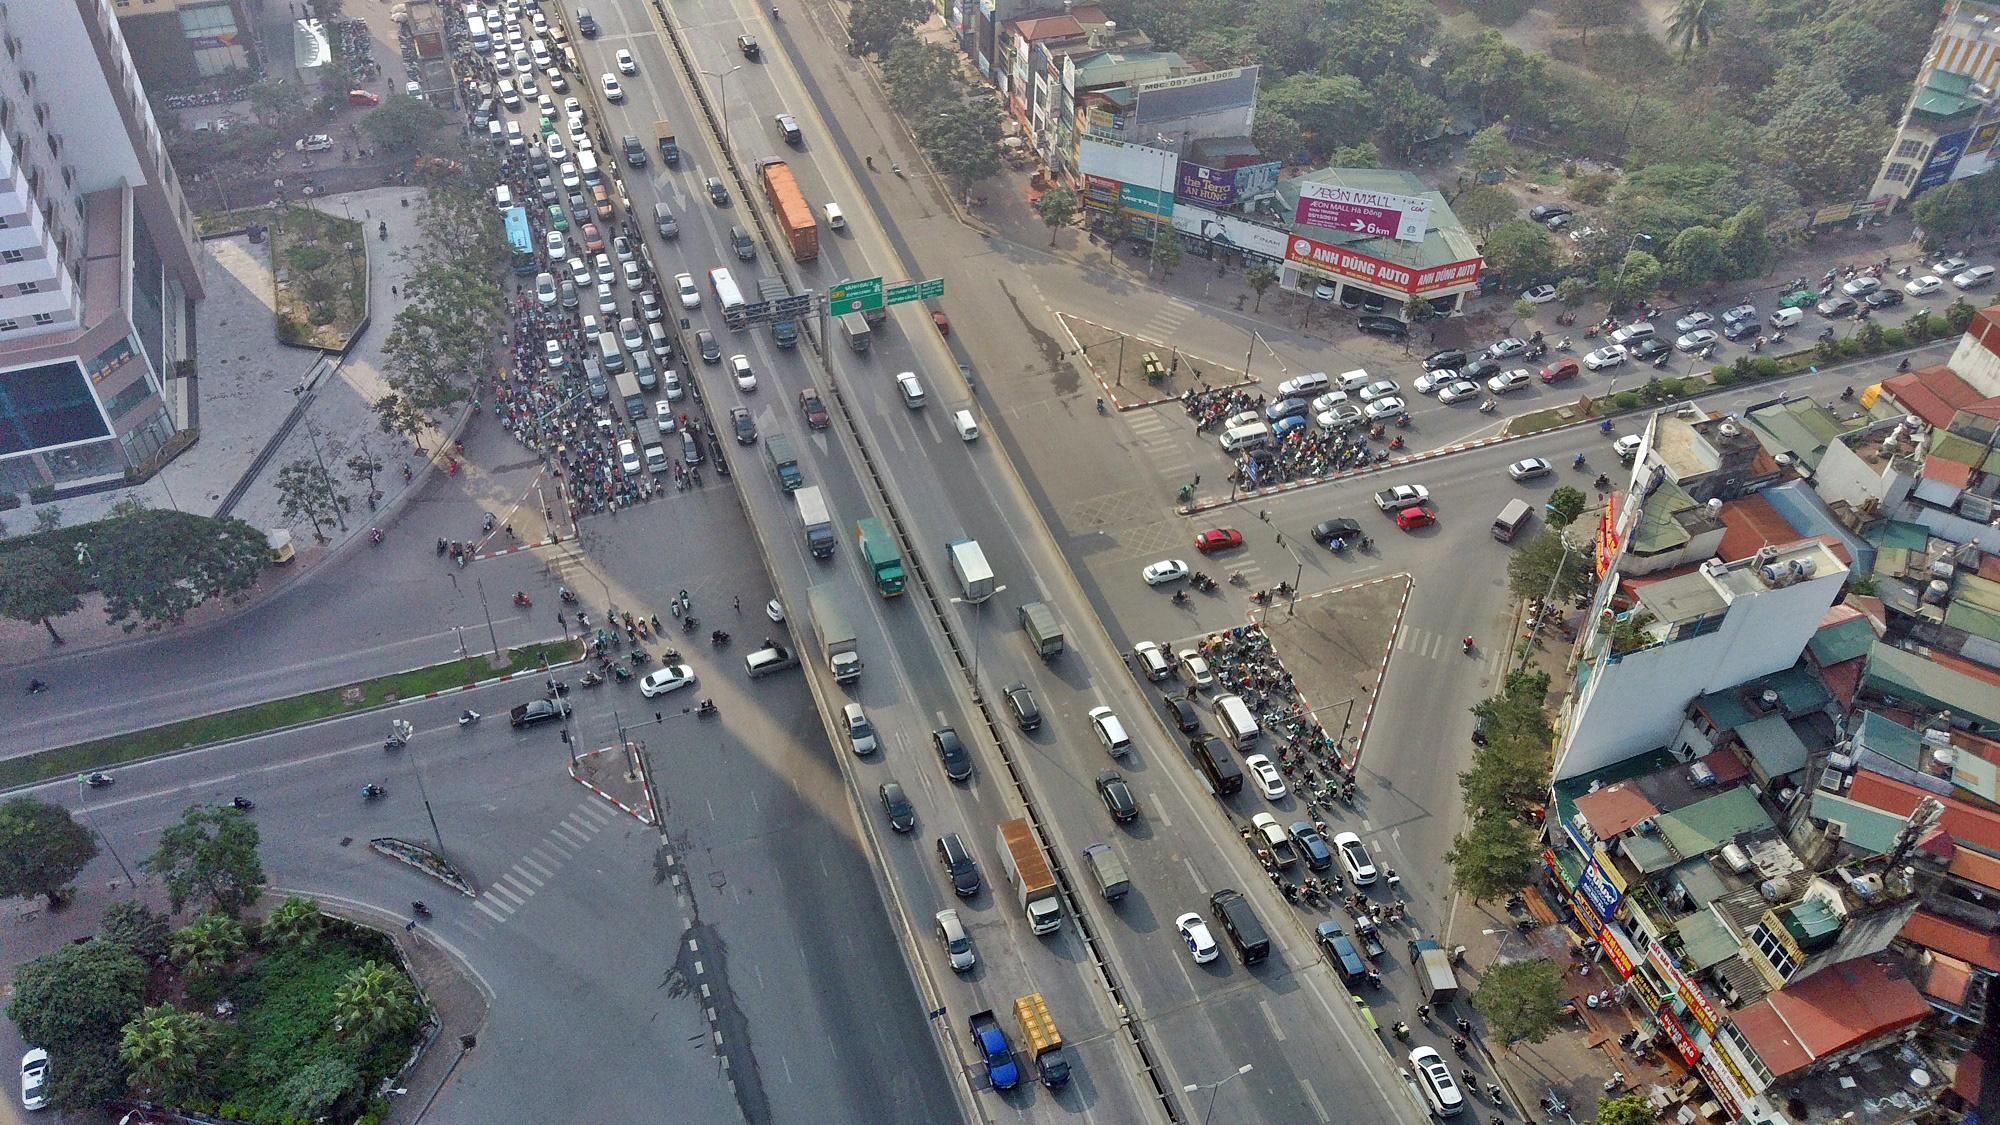 Toàn cảnh khu vực xây hầm chui Lê Văn Lương - Vành đai 3 gần 700 tỉ đồng - Ảnh 6.